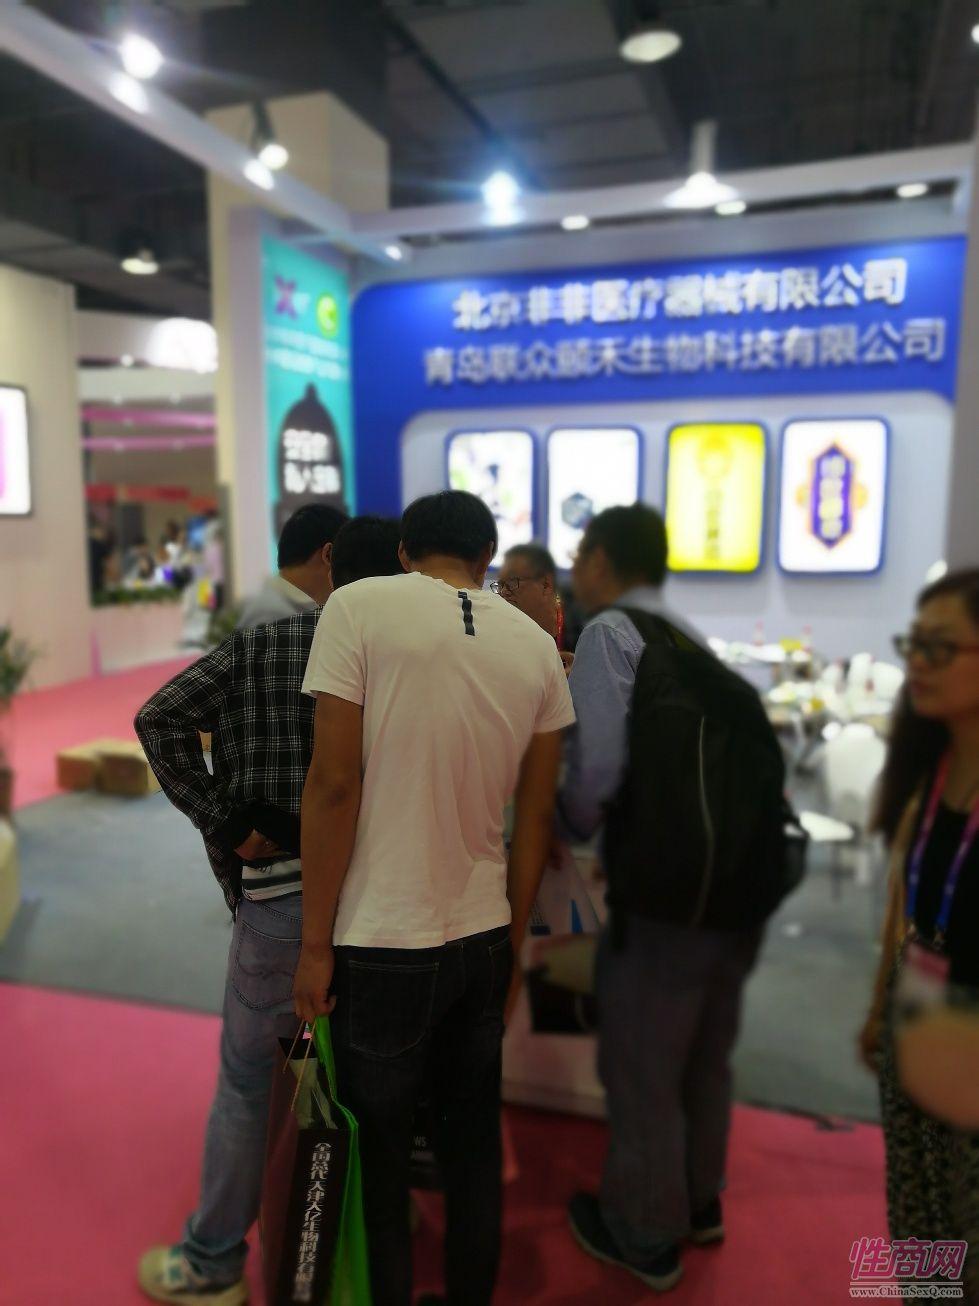 18上海成人展-参展产品 (58)